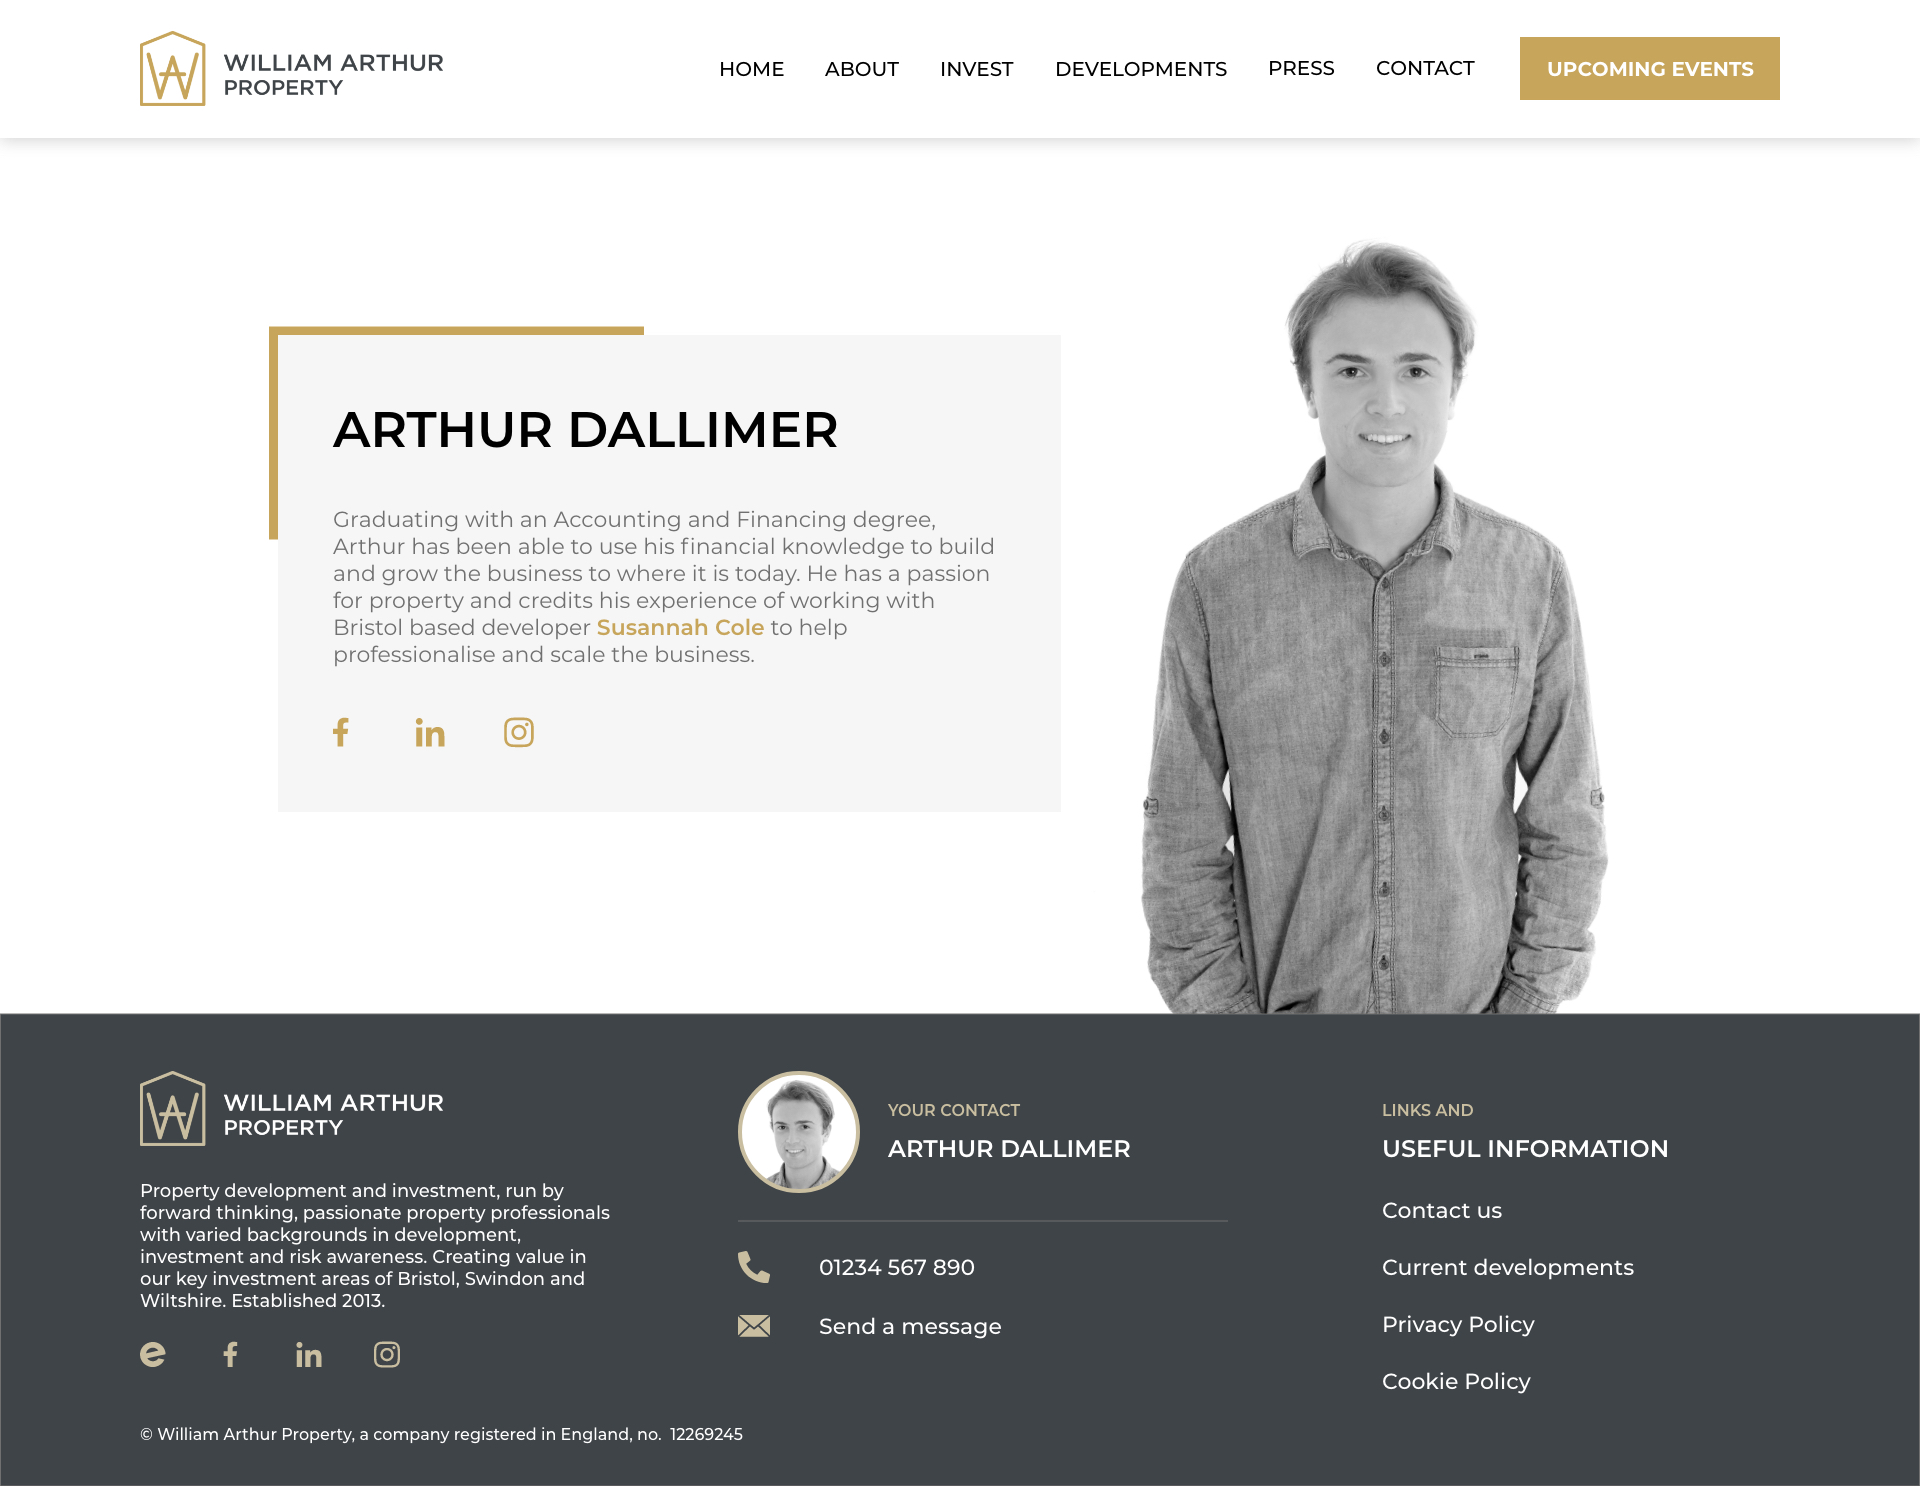 William Arthur - D111 - Team Member